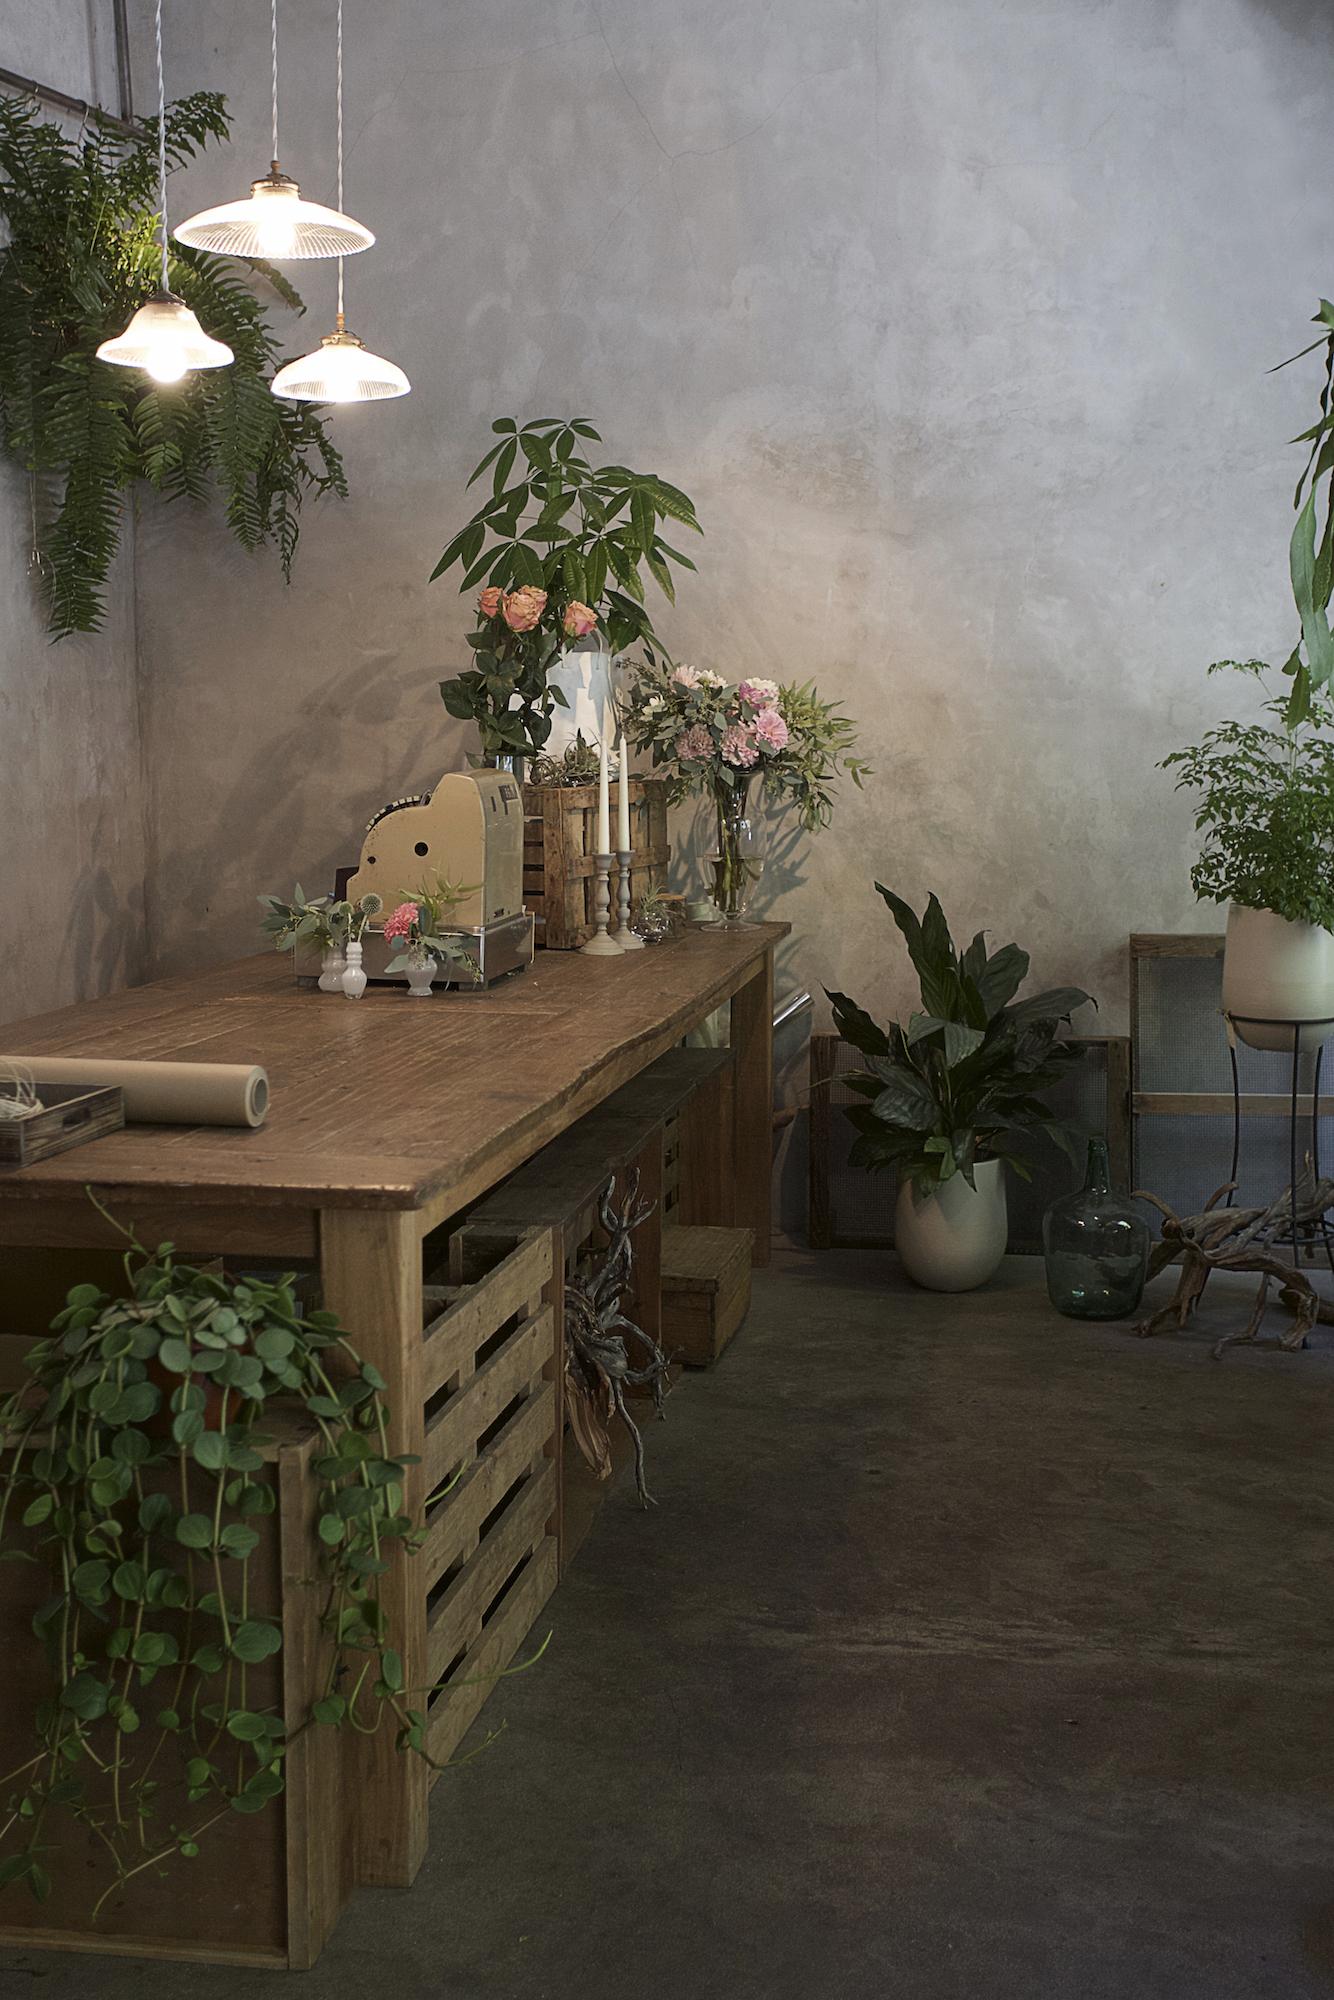 Visitamos a la florista maila iammartino - Tiestos de madera ...